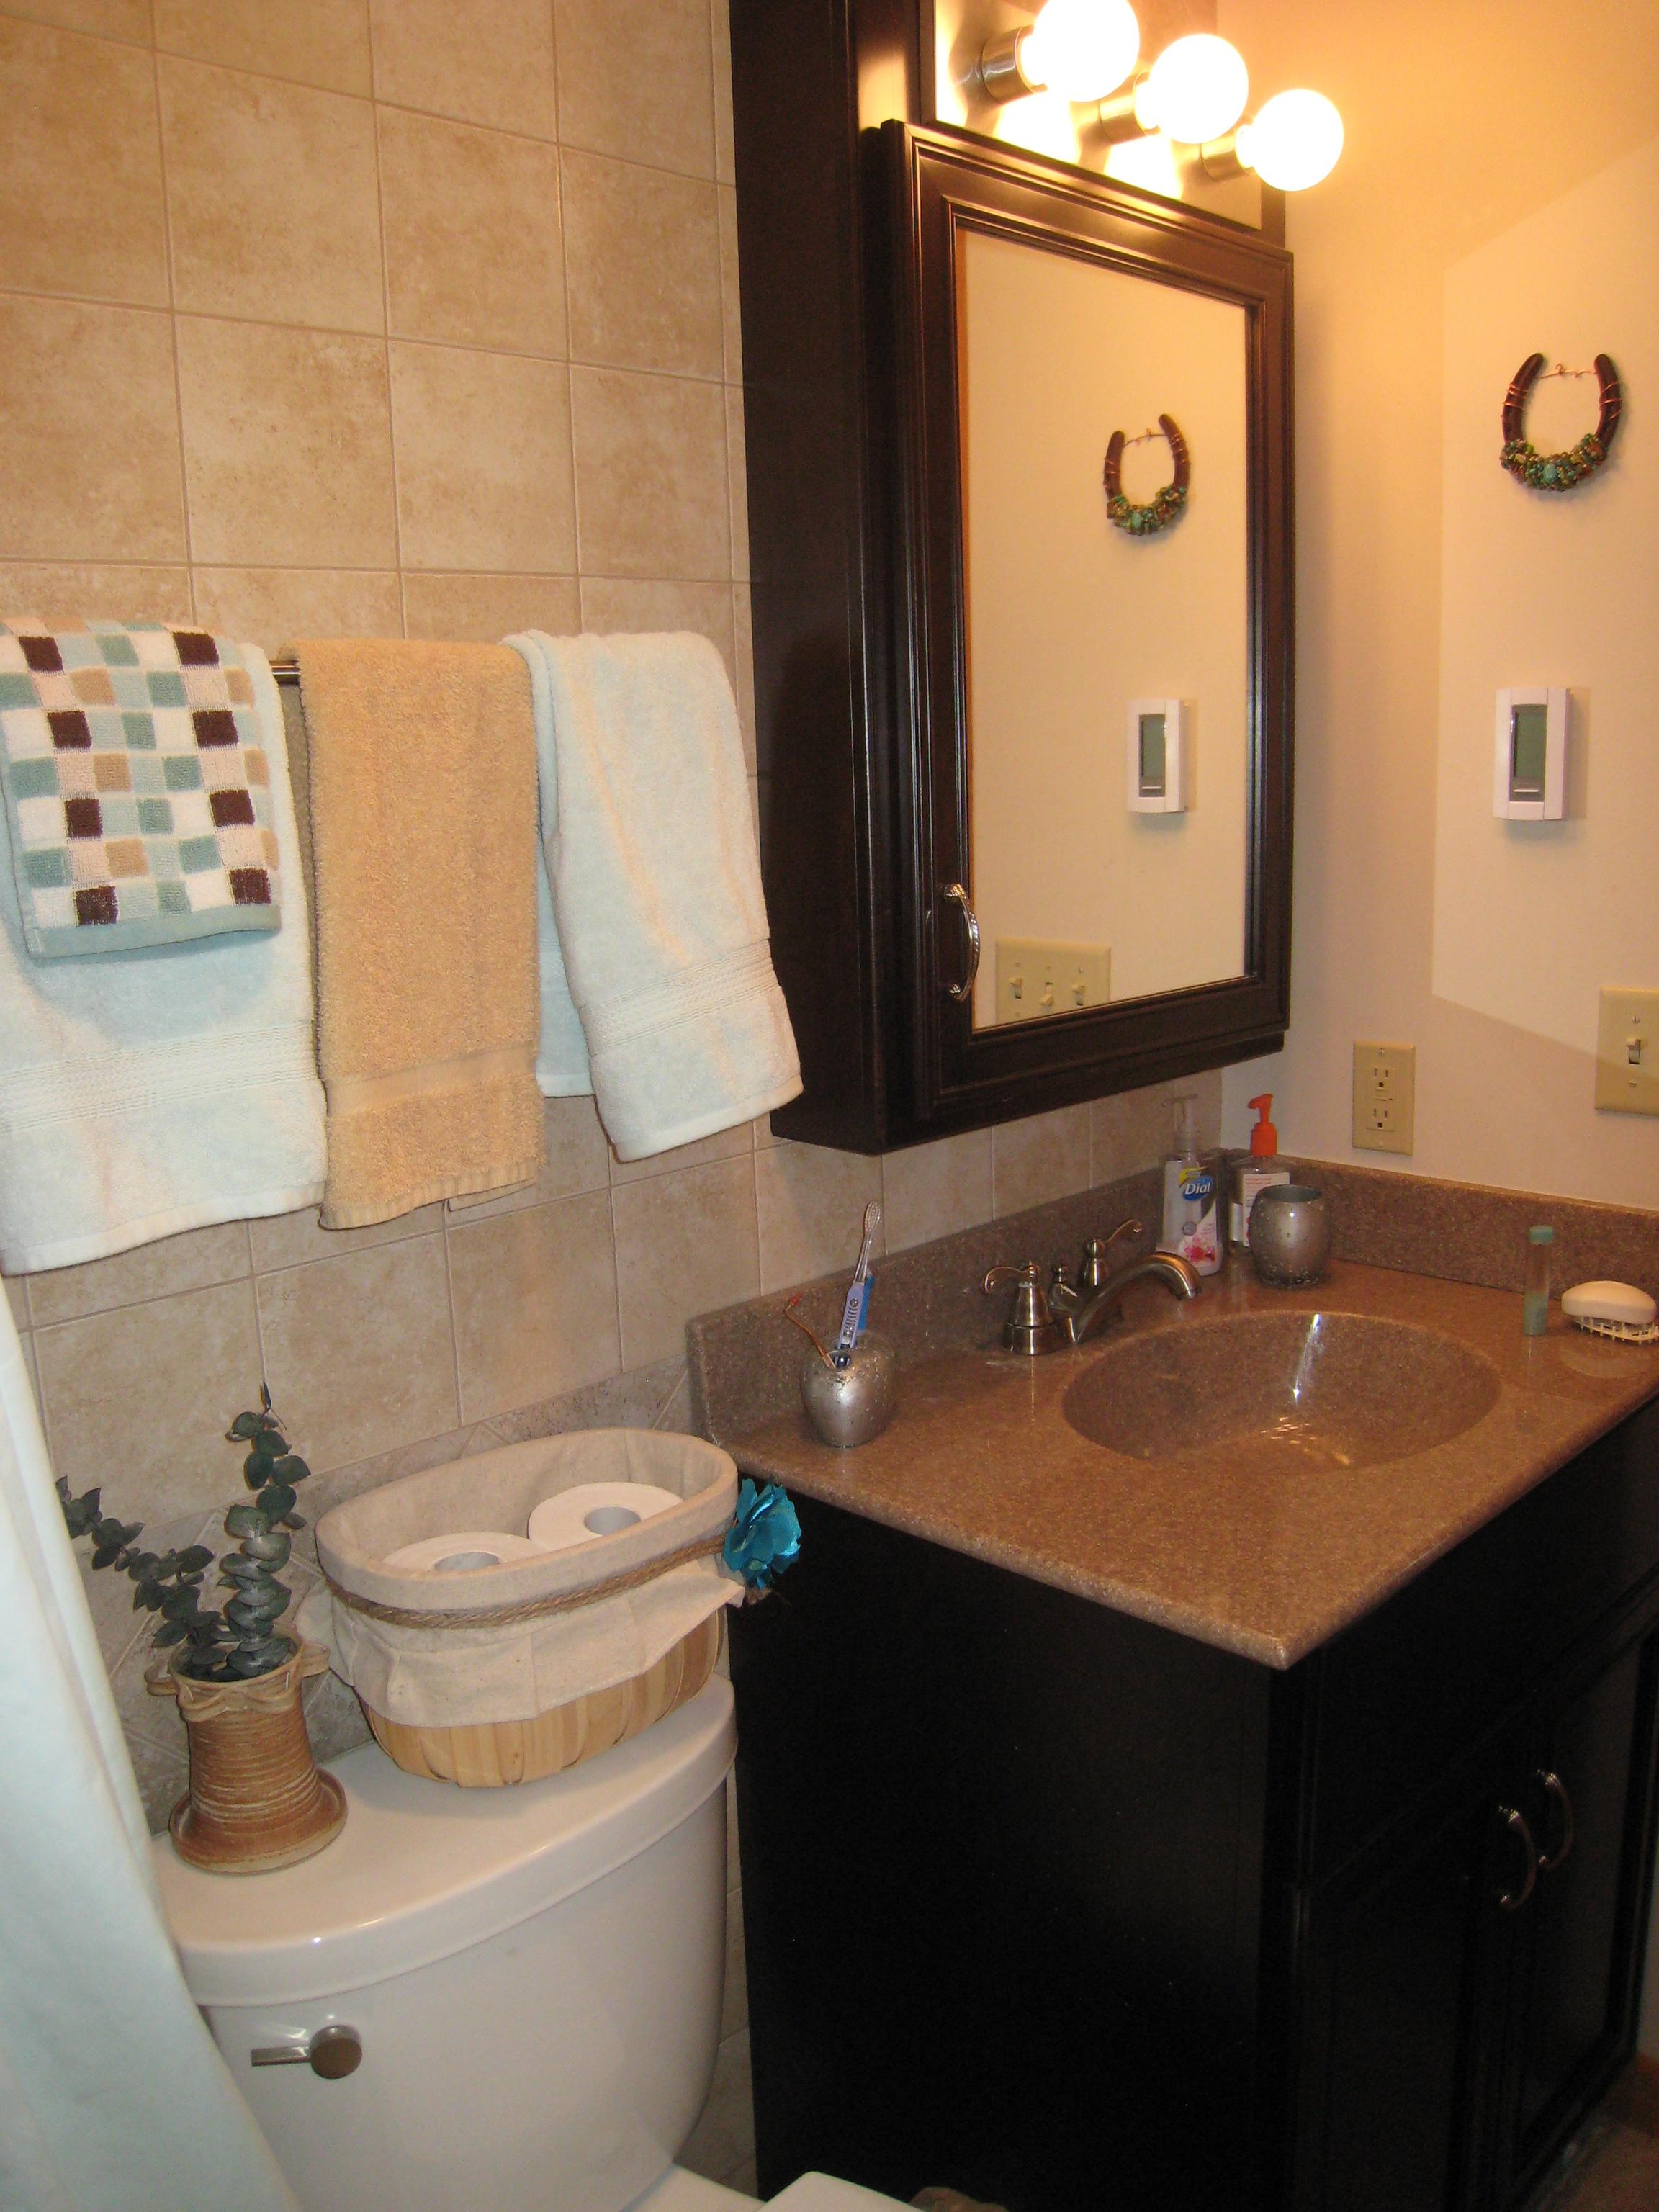 Architecture Designs Bathroom Remodel Small Bathroom Remodeling Ideas For Small Bathrooms Pictures Interior Design Center Inspiration